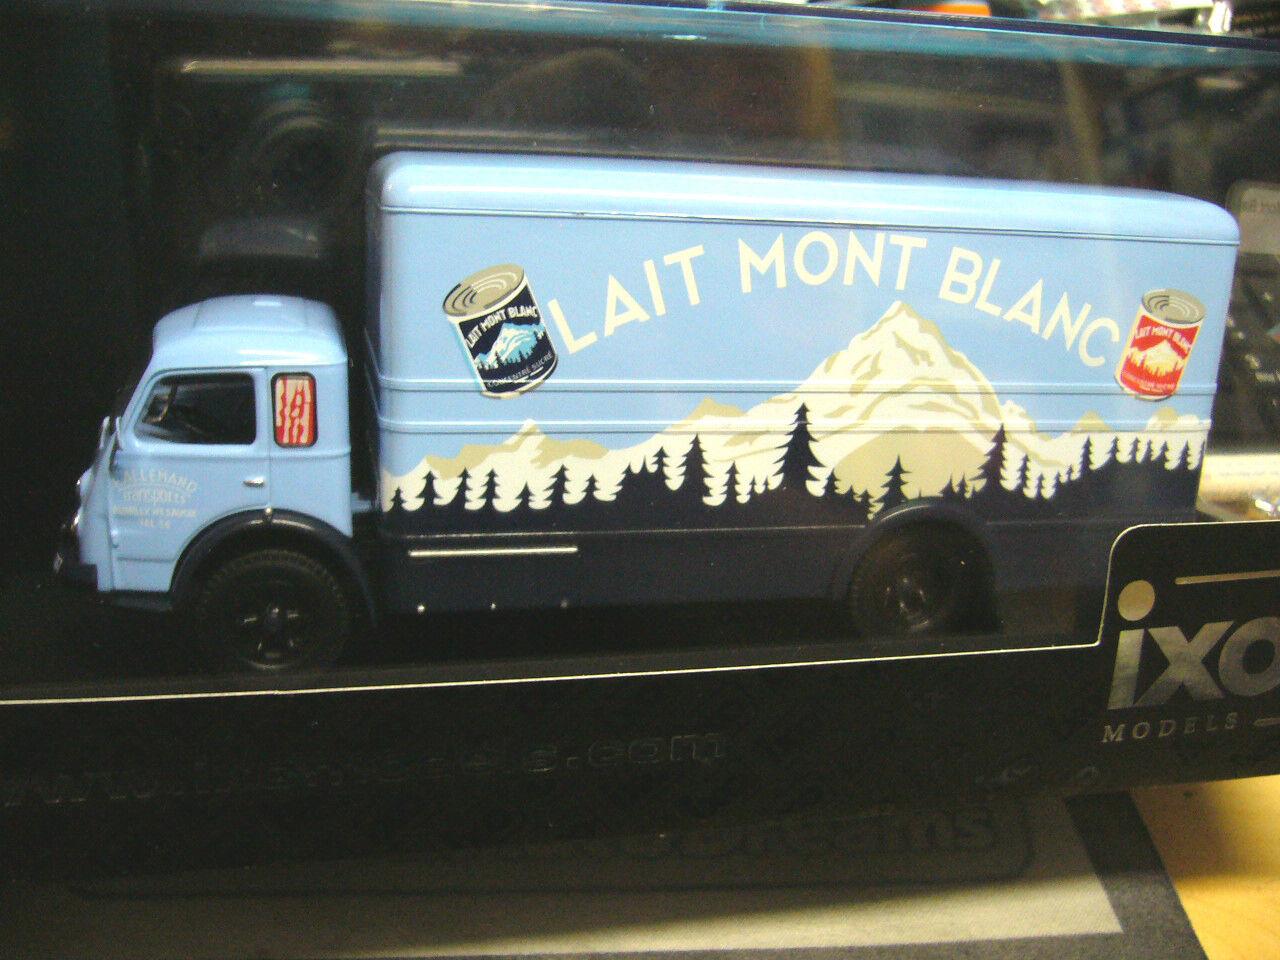 Renault faineant camiones Truck 1955 lait Mont bianca Ixo 1 43